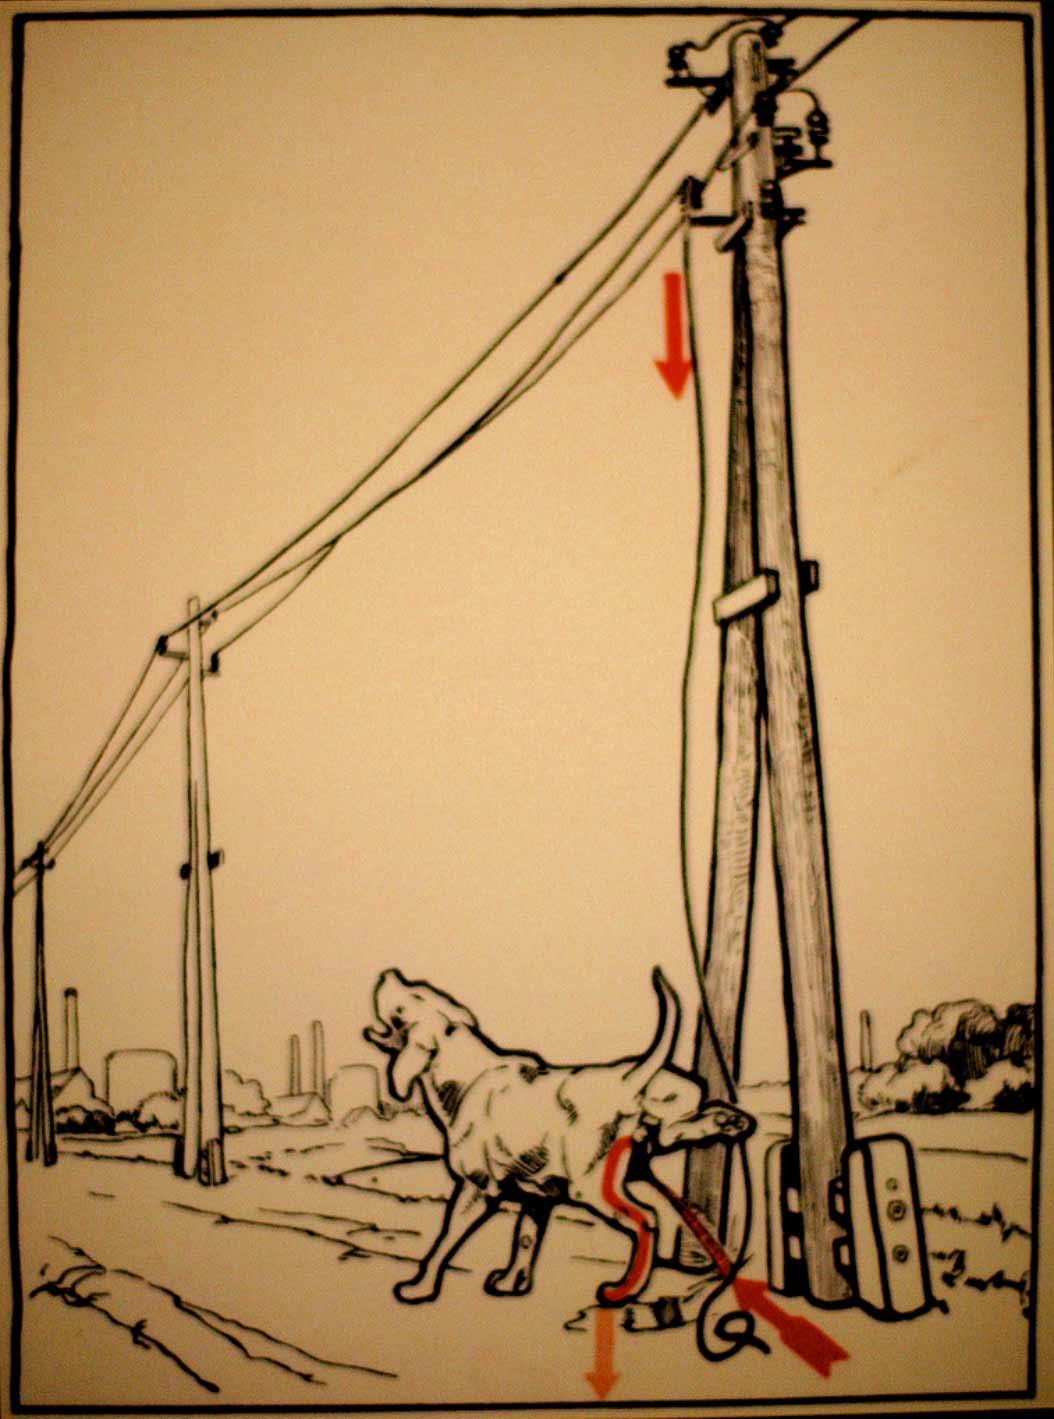 1931 wurde vor skurrilen Arten eines Stromschlages gewarnt Elektroschutz-in-132-Bildern_07